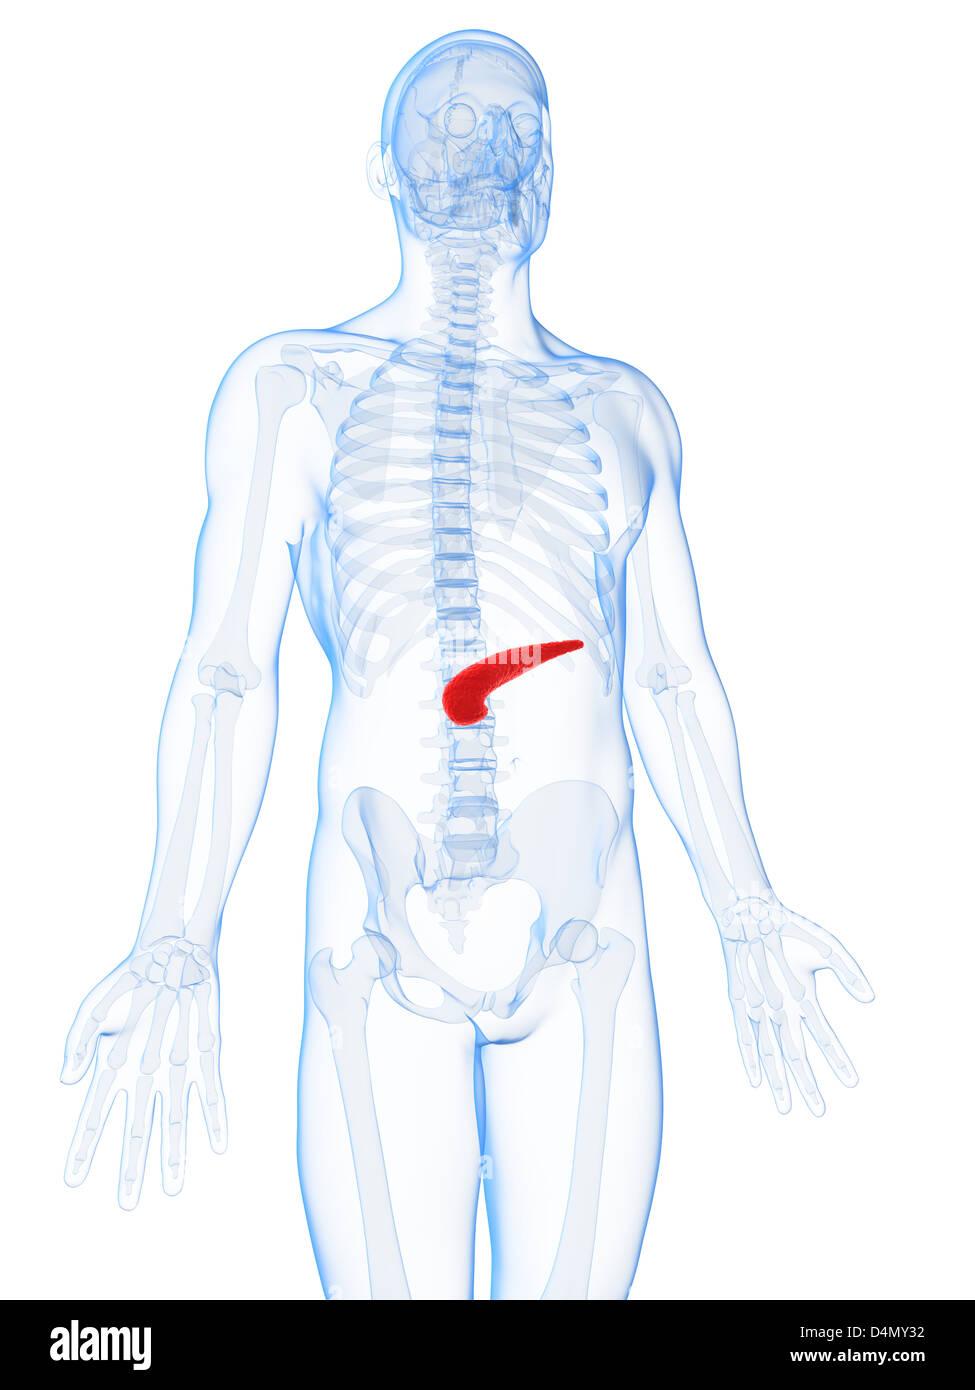 Fantastisch Pankreas Stelle In Körper Fotos - Anatomie Ideen ...